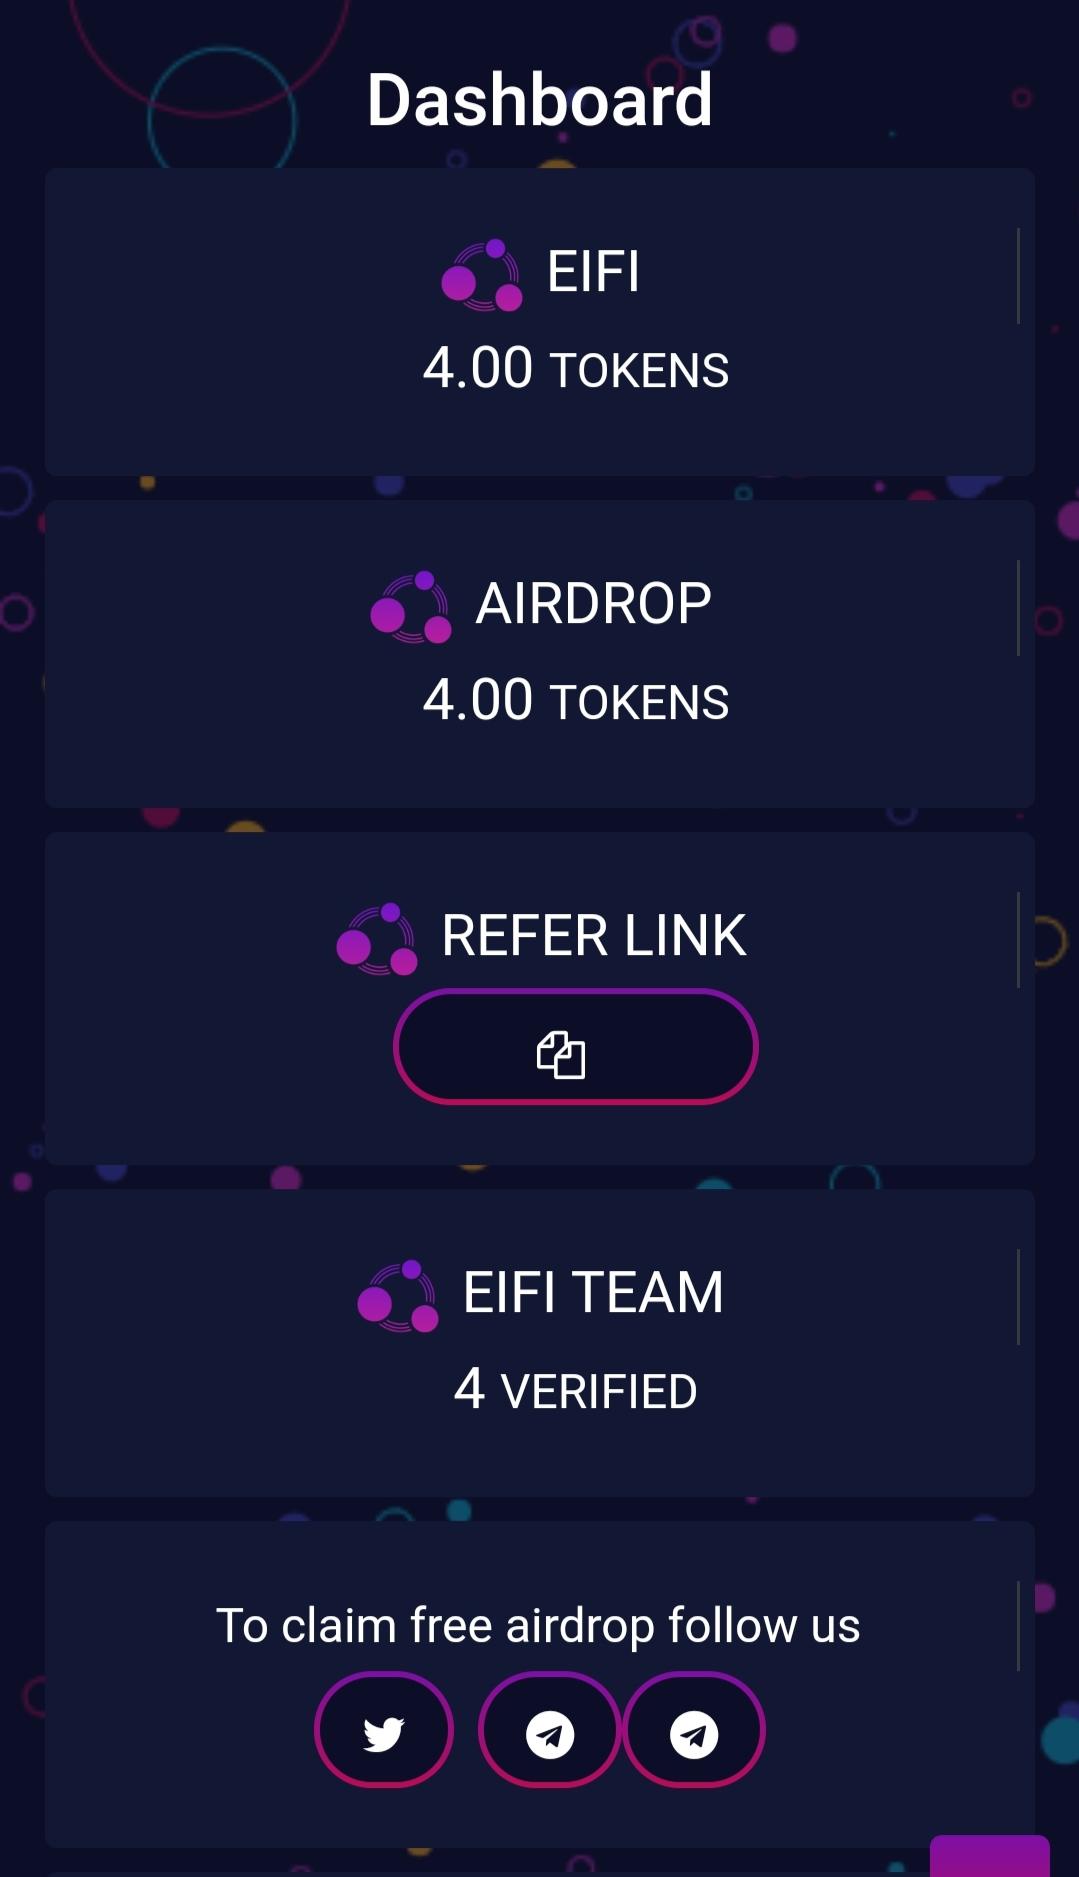 Eifi coin airdrop